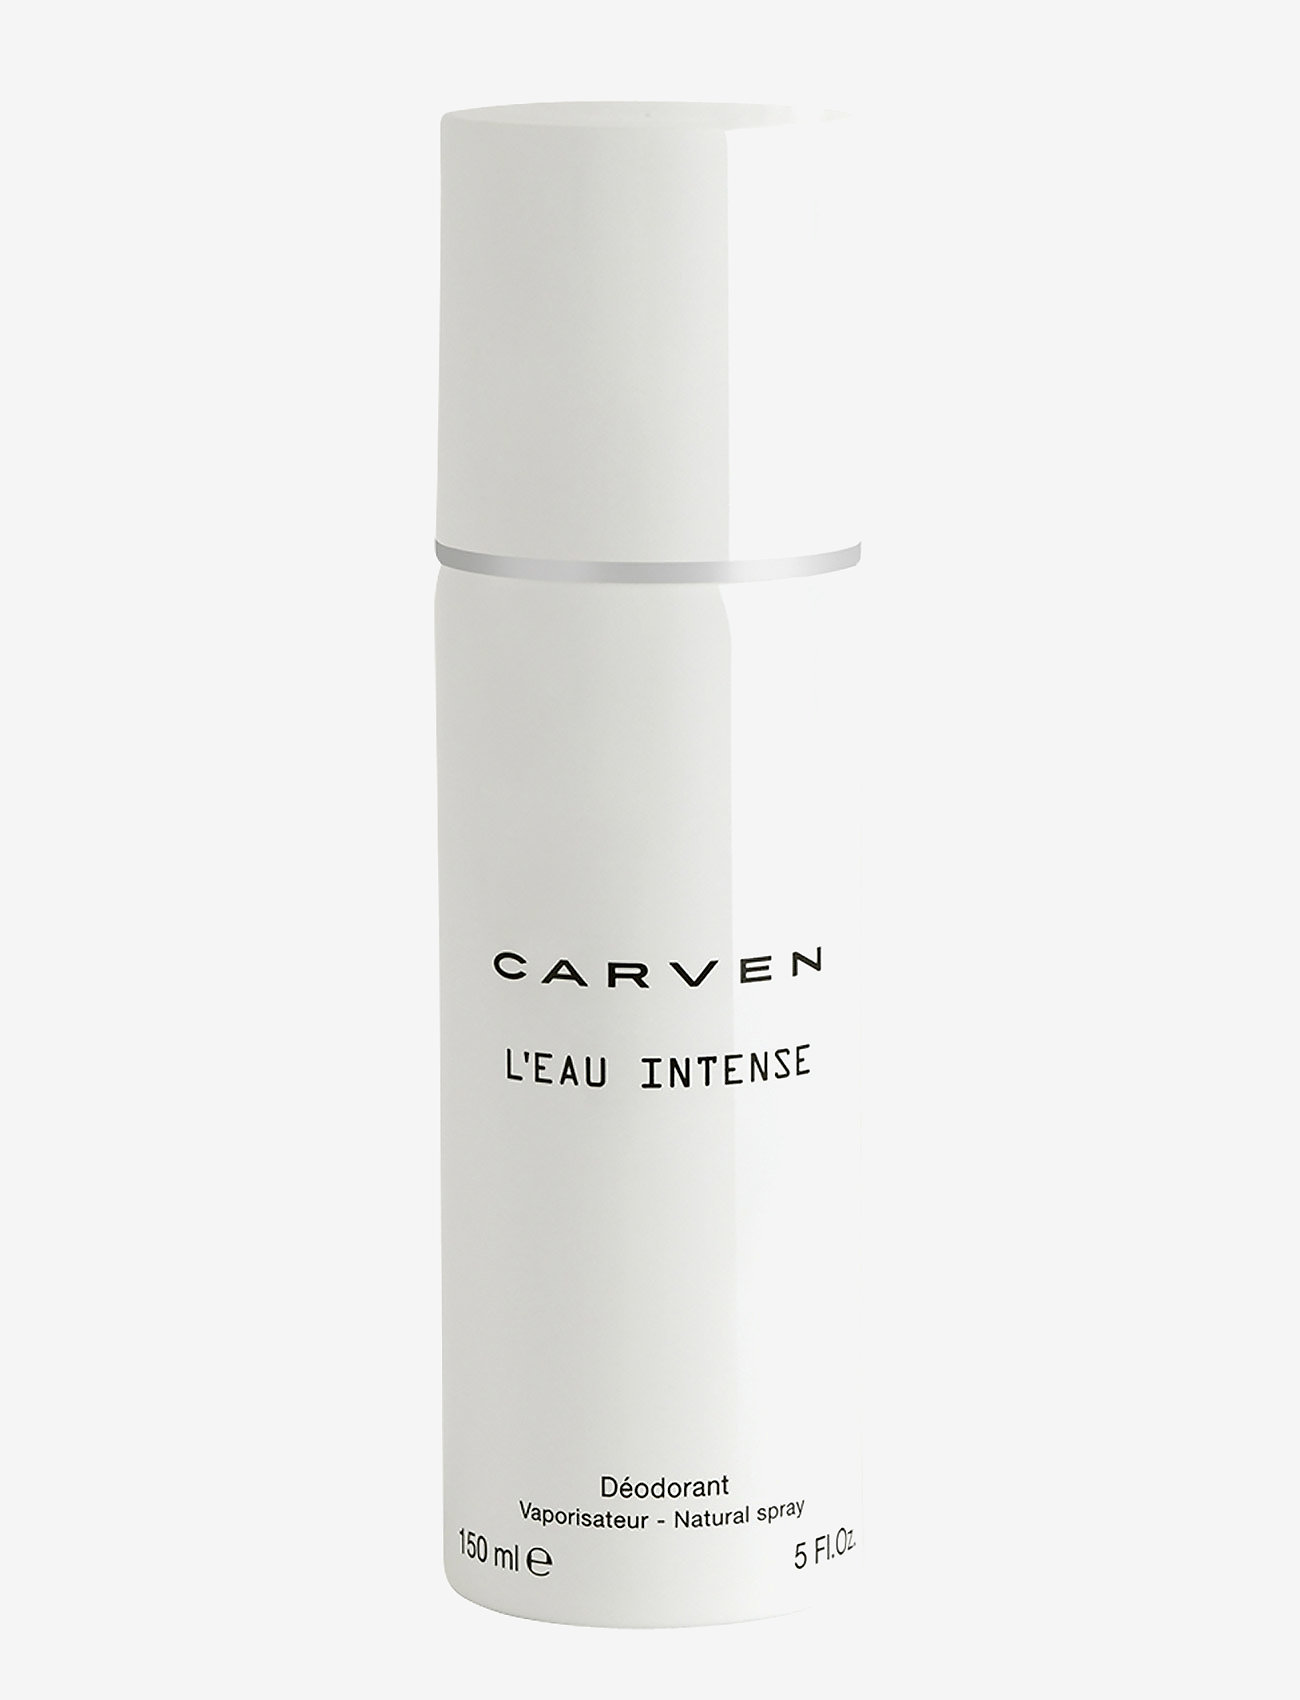 Carven - L'Eau Intense Deodorant 150mL - suihke - clear